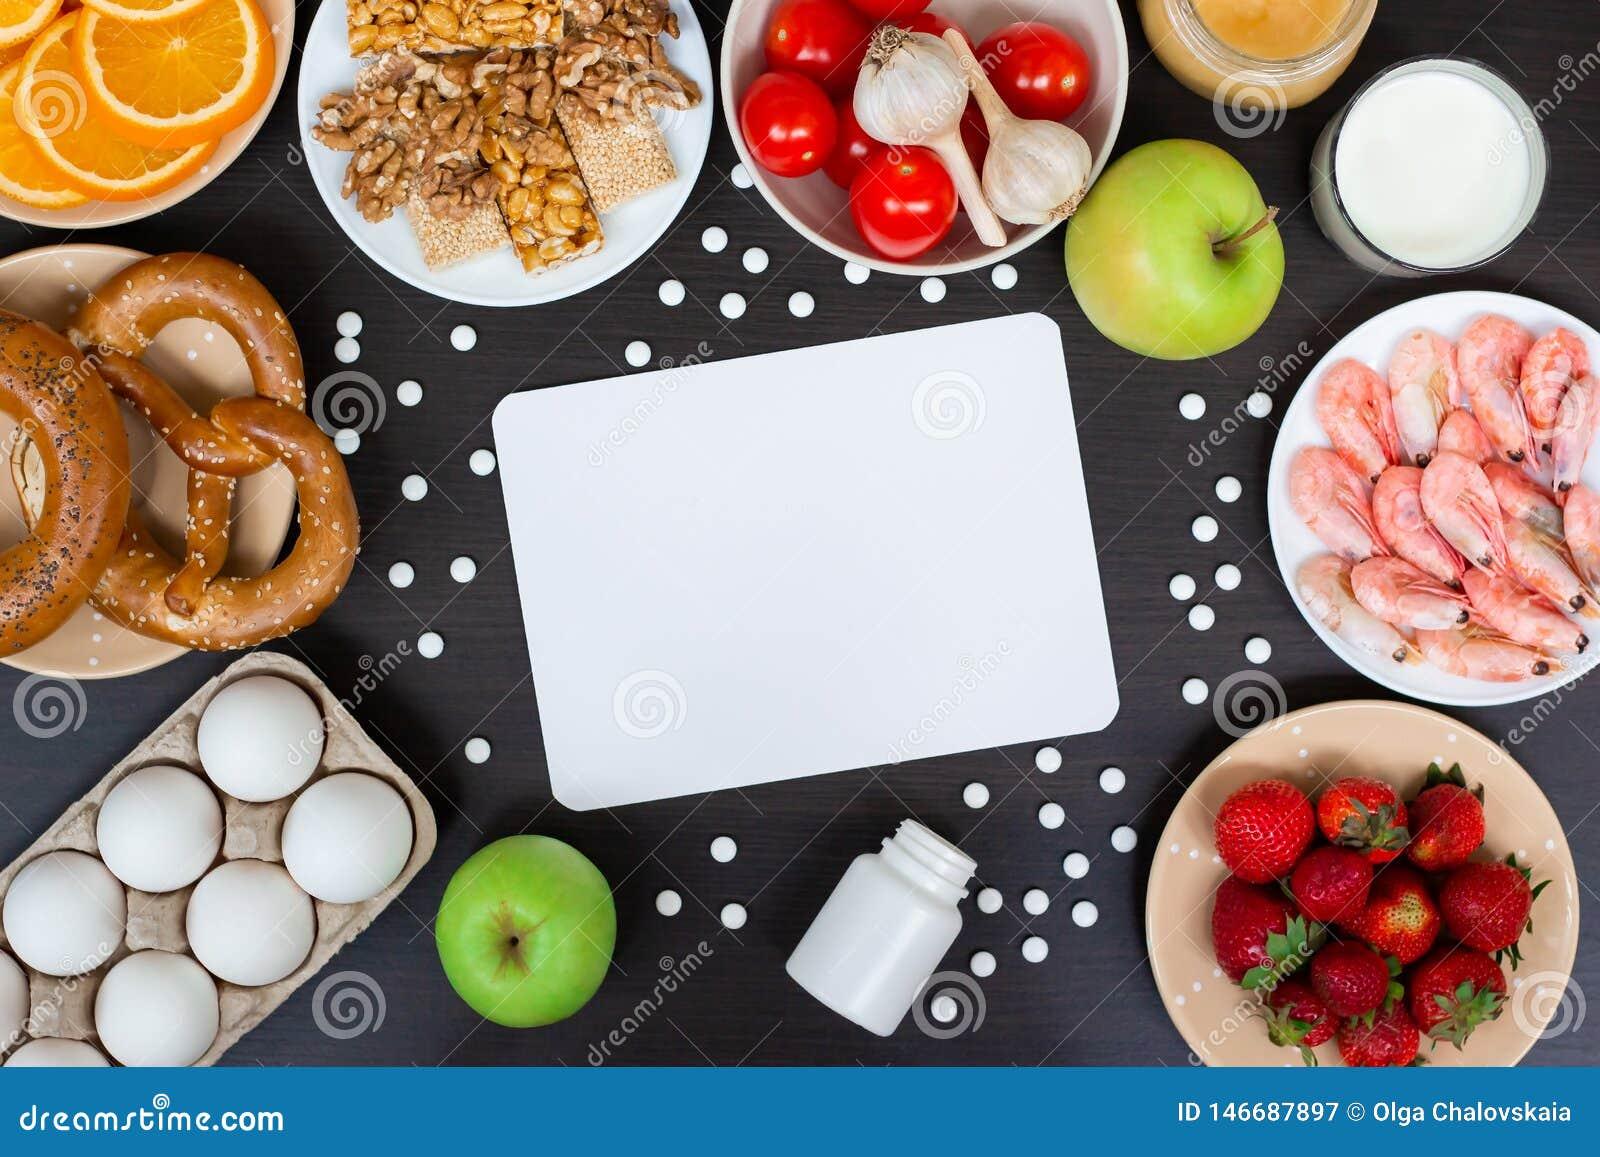 Fije de los productos alérgicos como leche, naranjas, tomates, ajo, camarón, cacahuetes, huevos, manzanas, pan, fresas